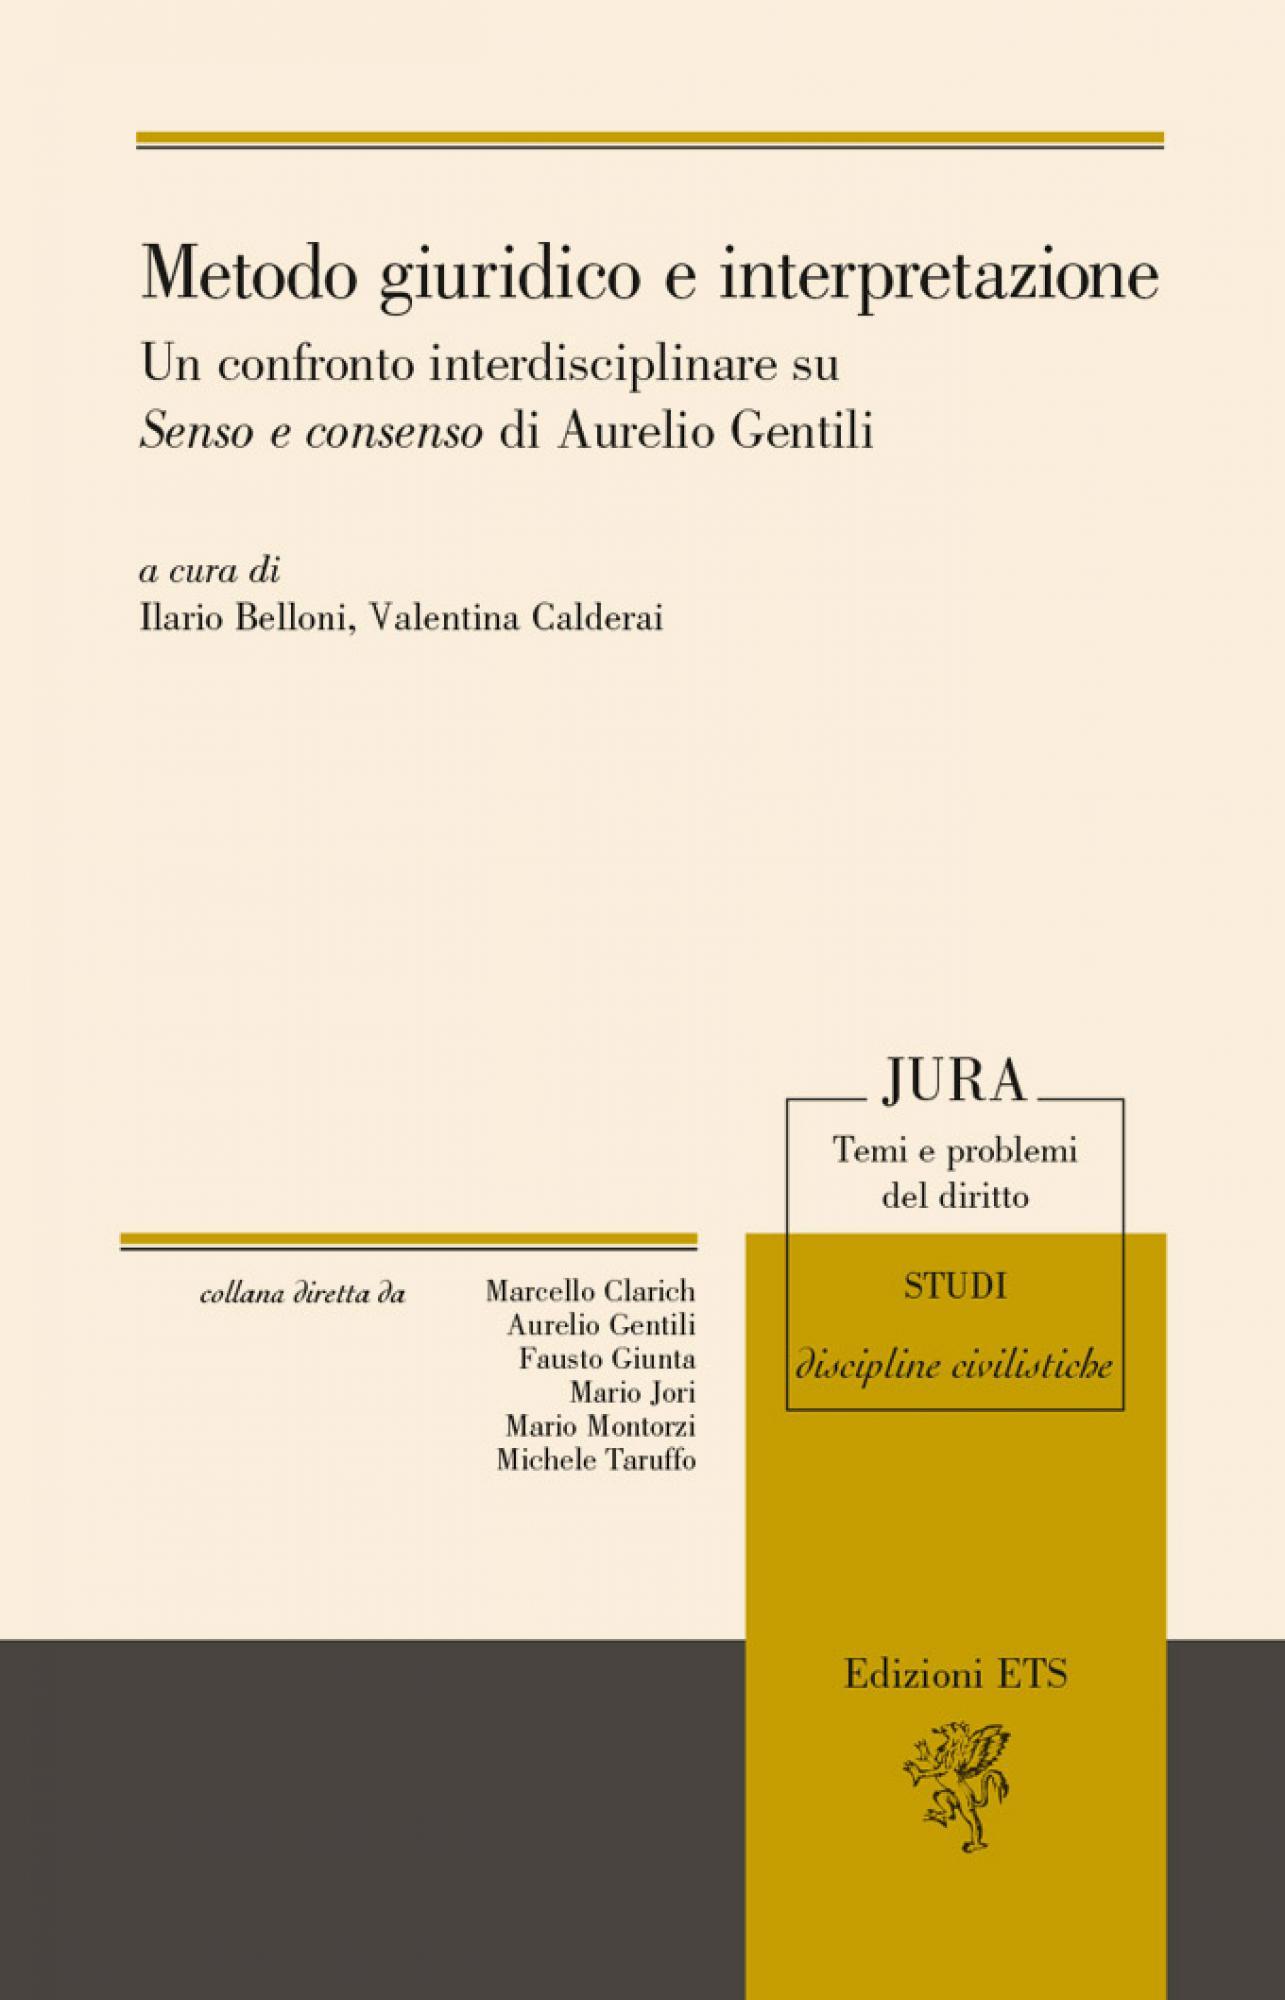 Metodo giuridico e interpretazione.Un confronto interdisciplinare su <em>Senso e consenso</em> di Aurelio Gentili